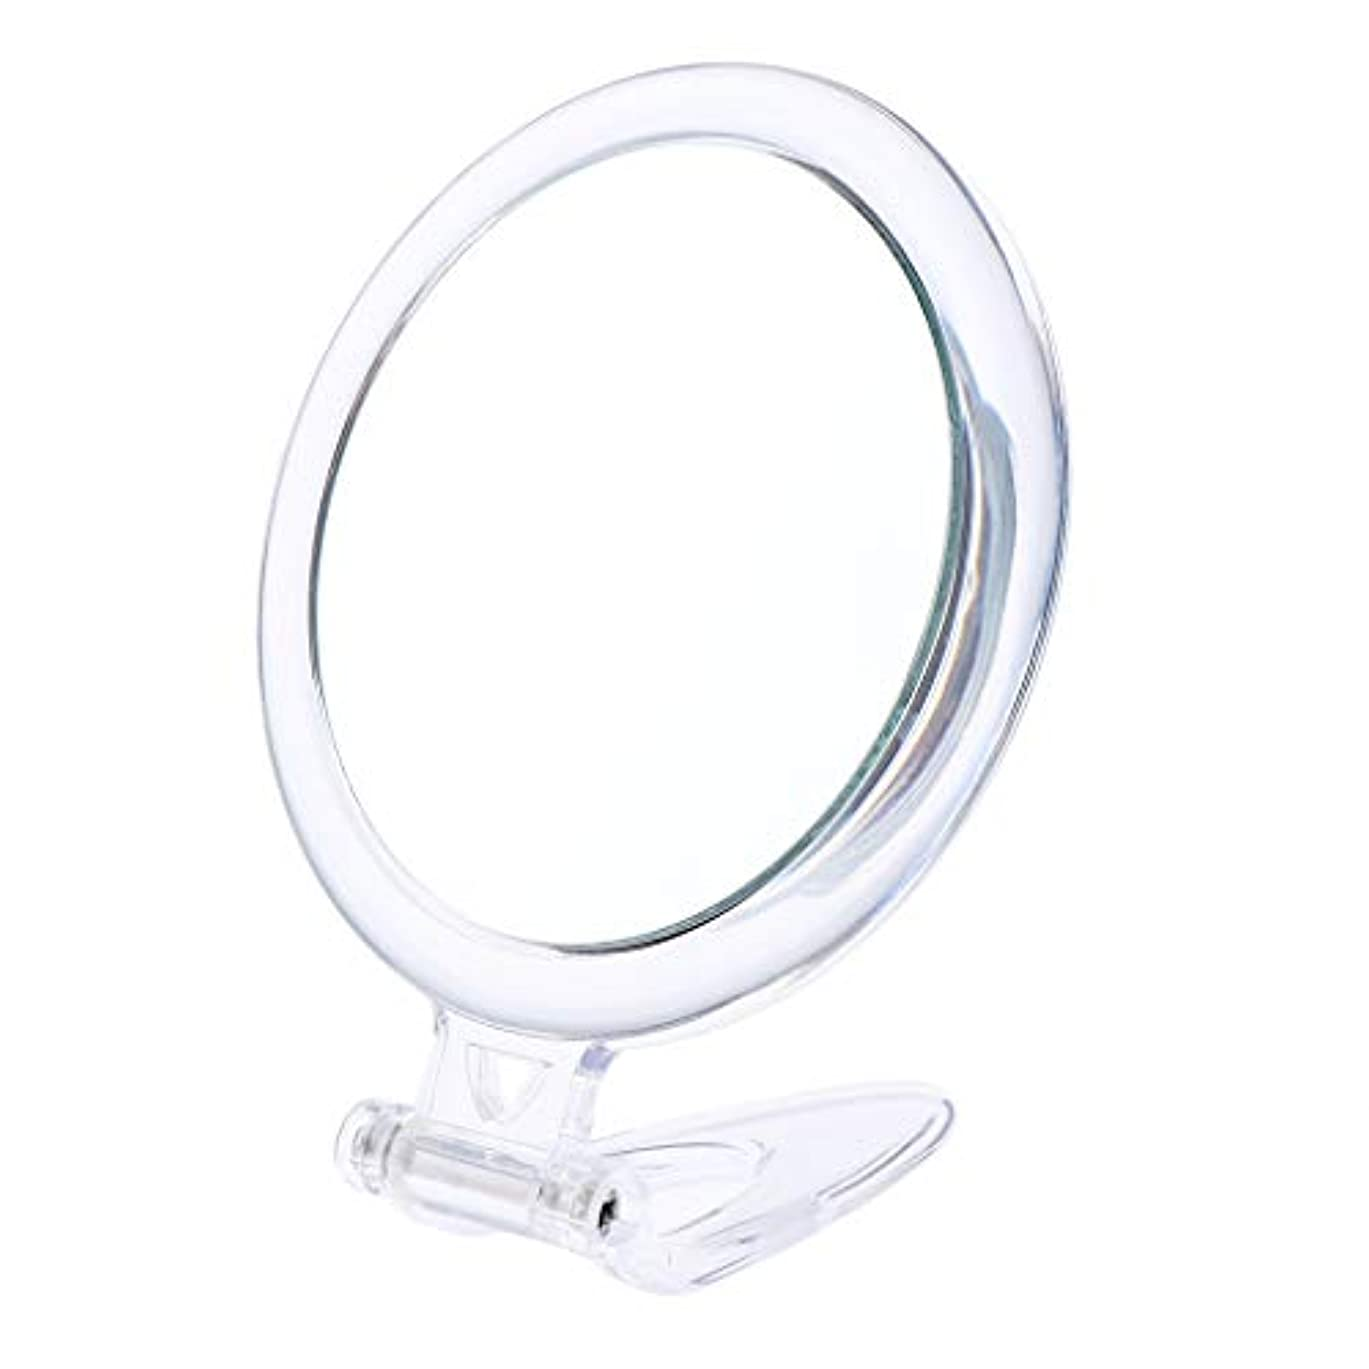 ブルジョン無知会員耐久性のある10倍拡大化粧鏡寮の洗面所の浴室の化粧鏡